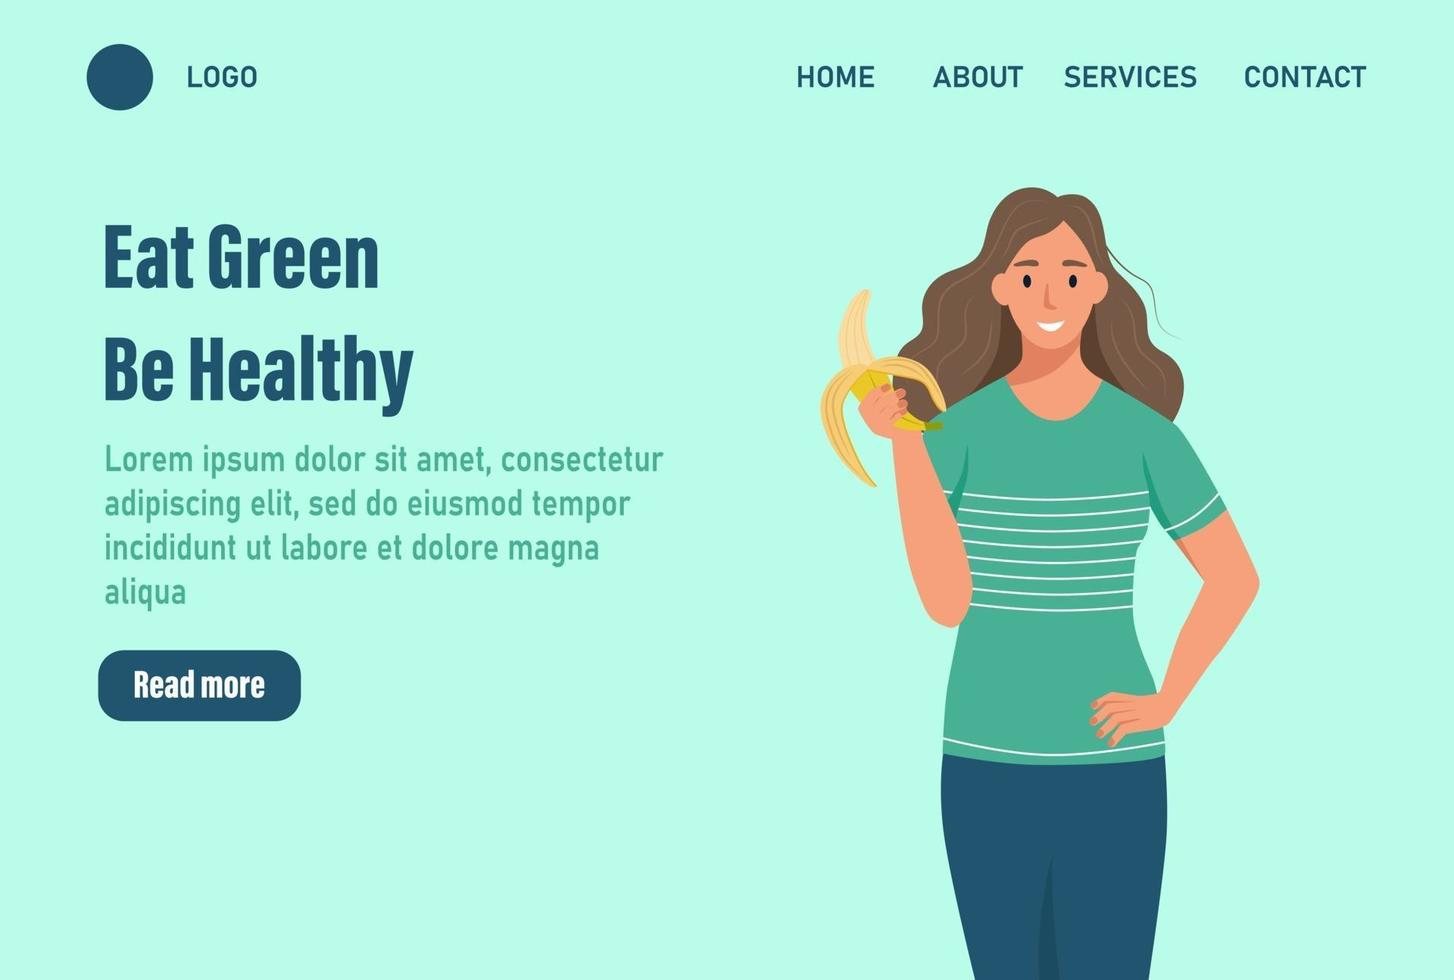 Eine Frau isst eine Bananen-Landingpage. das Konzept der richtigen Ernährung und eines gesunden Lebensstils. Website Homepage Landing Webseite template.vector Illustration vektor